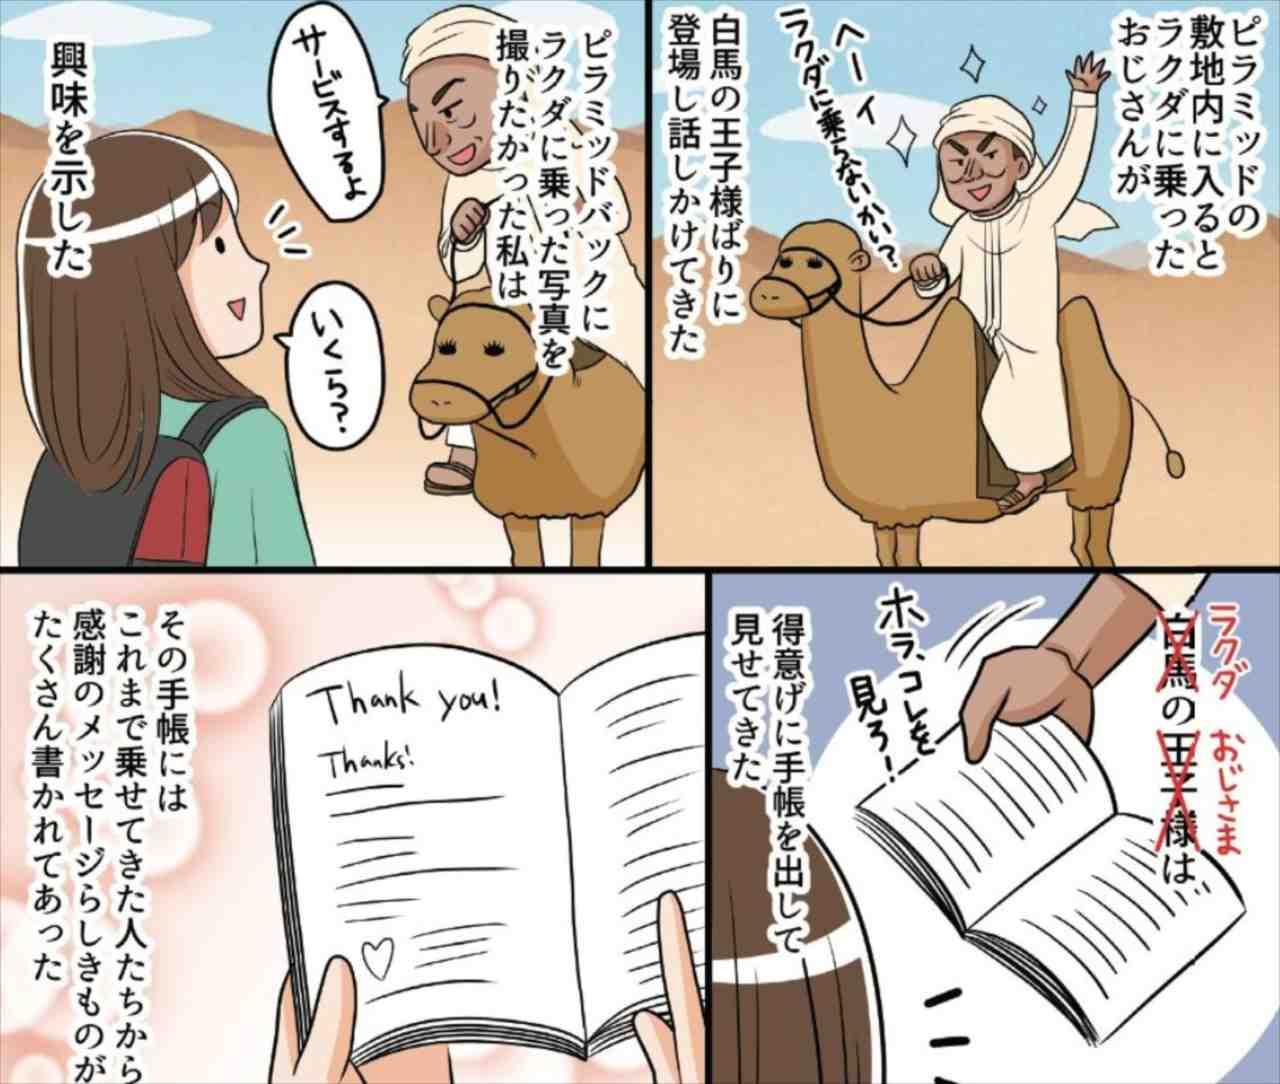 """海外旅行で遭遇した""""まさかの展開""""を表現した漫画に反響!同様の体験談が続々と寄せられる"""